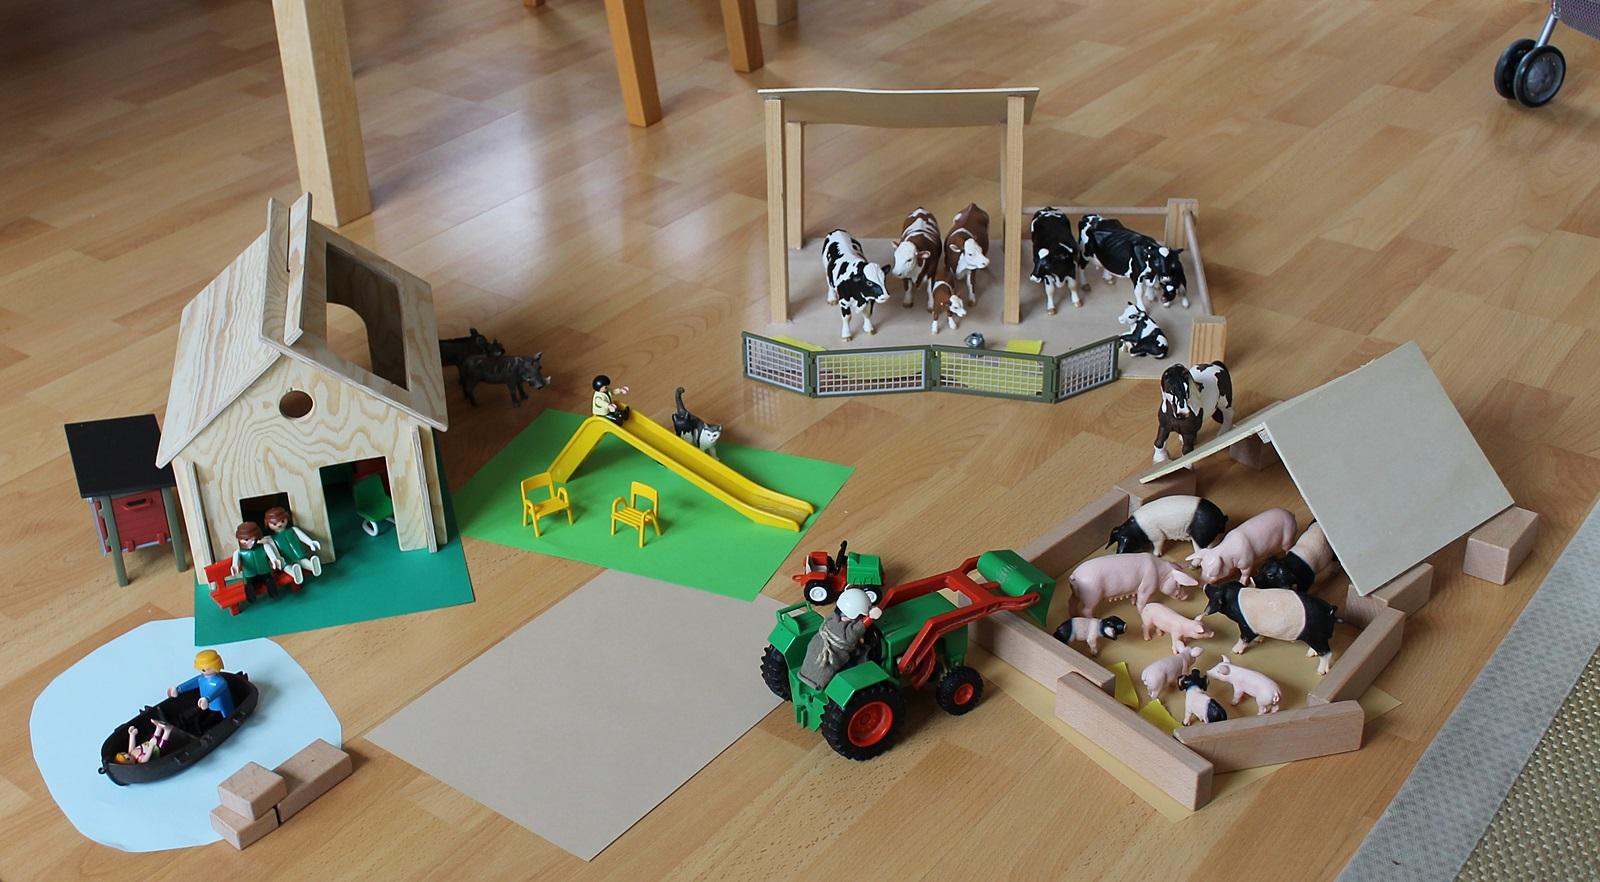 holz bauernhof für schleich tiere selber bauen - spiele & spielzeug